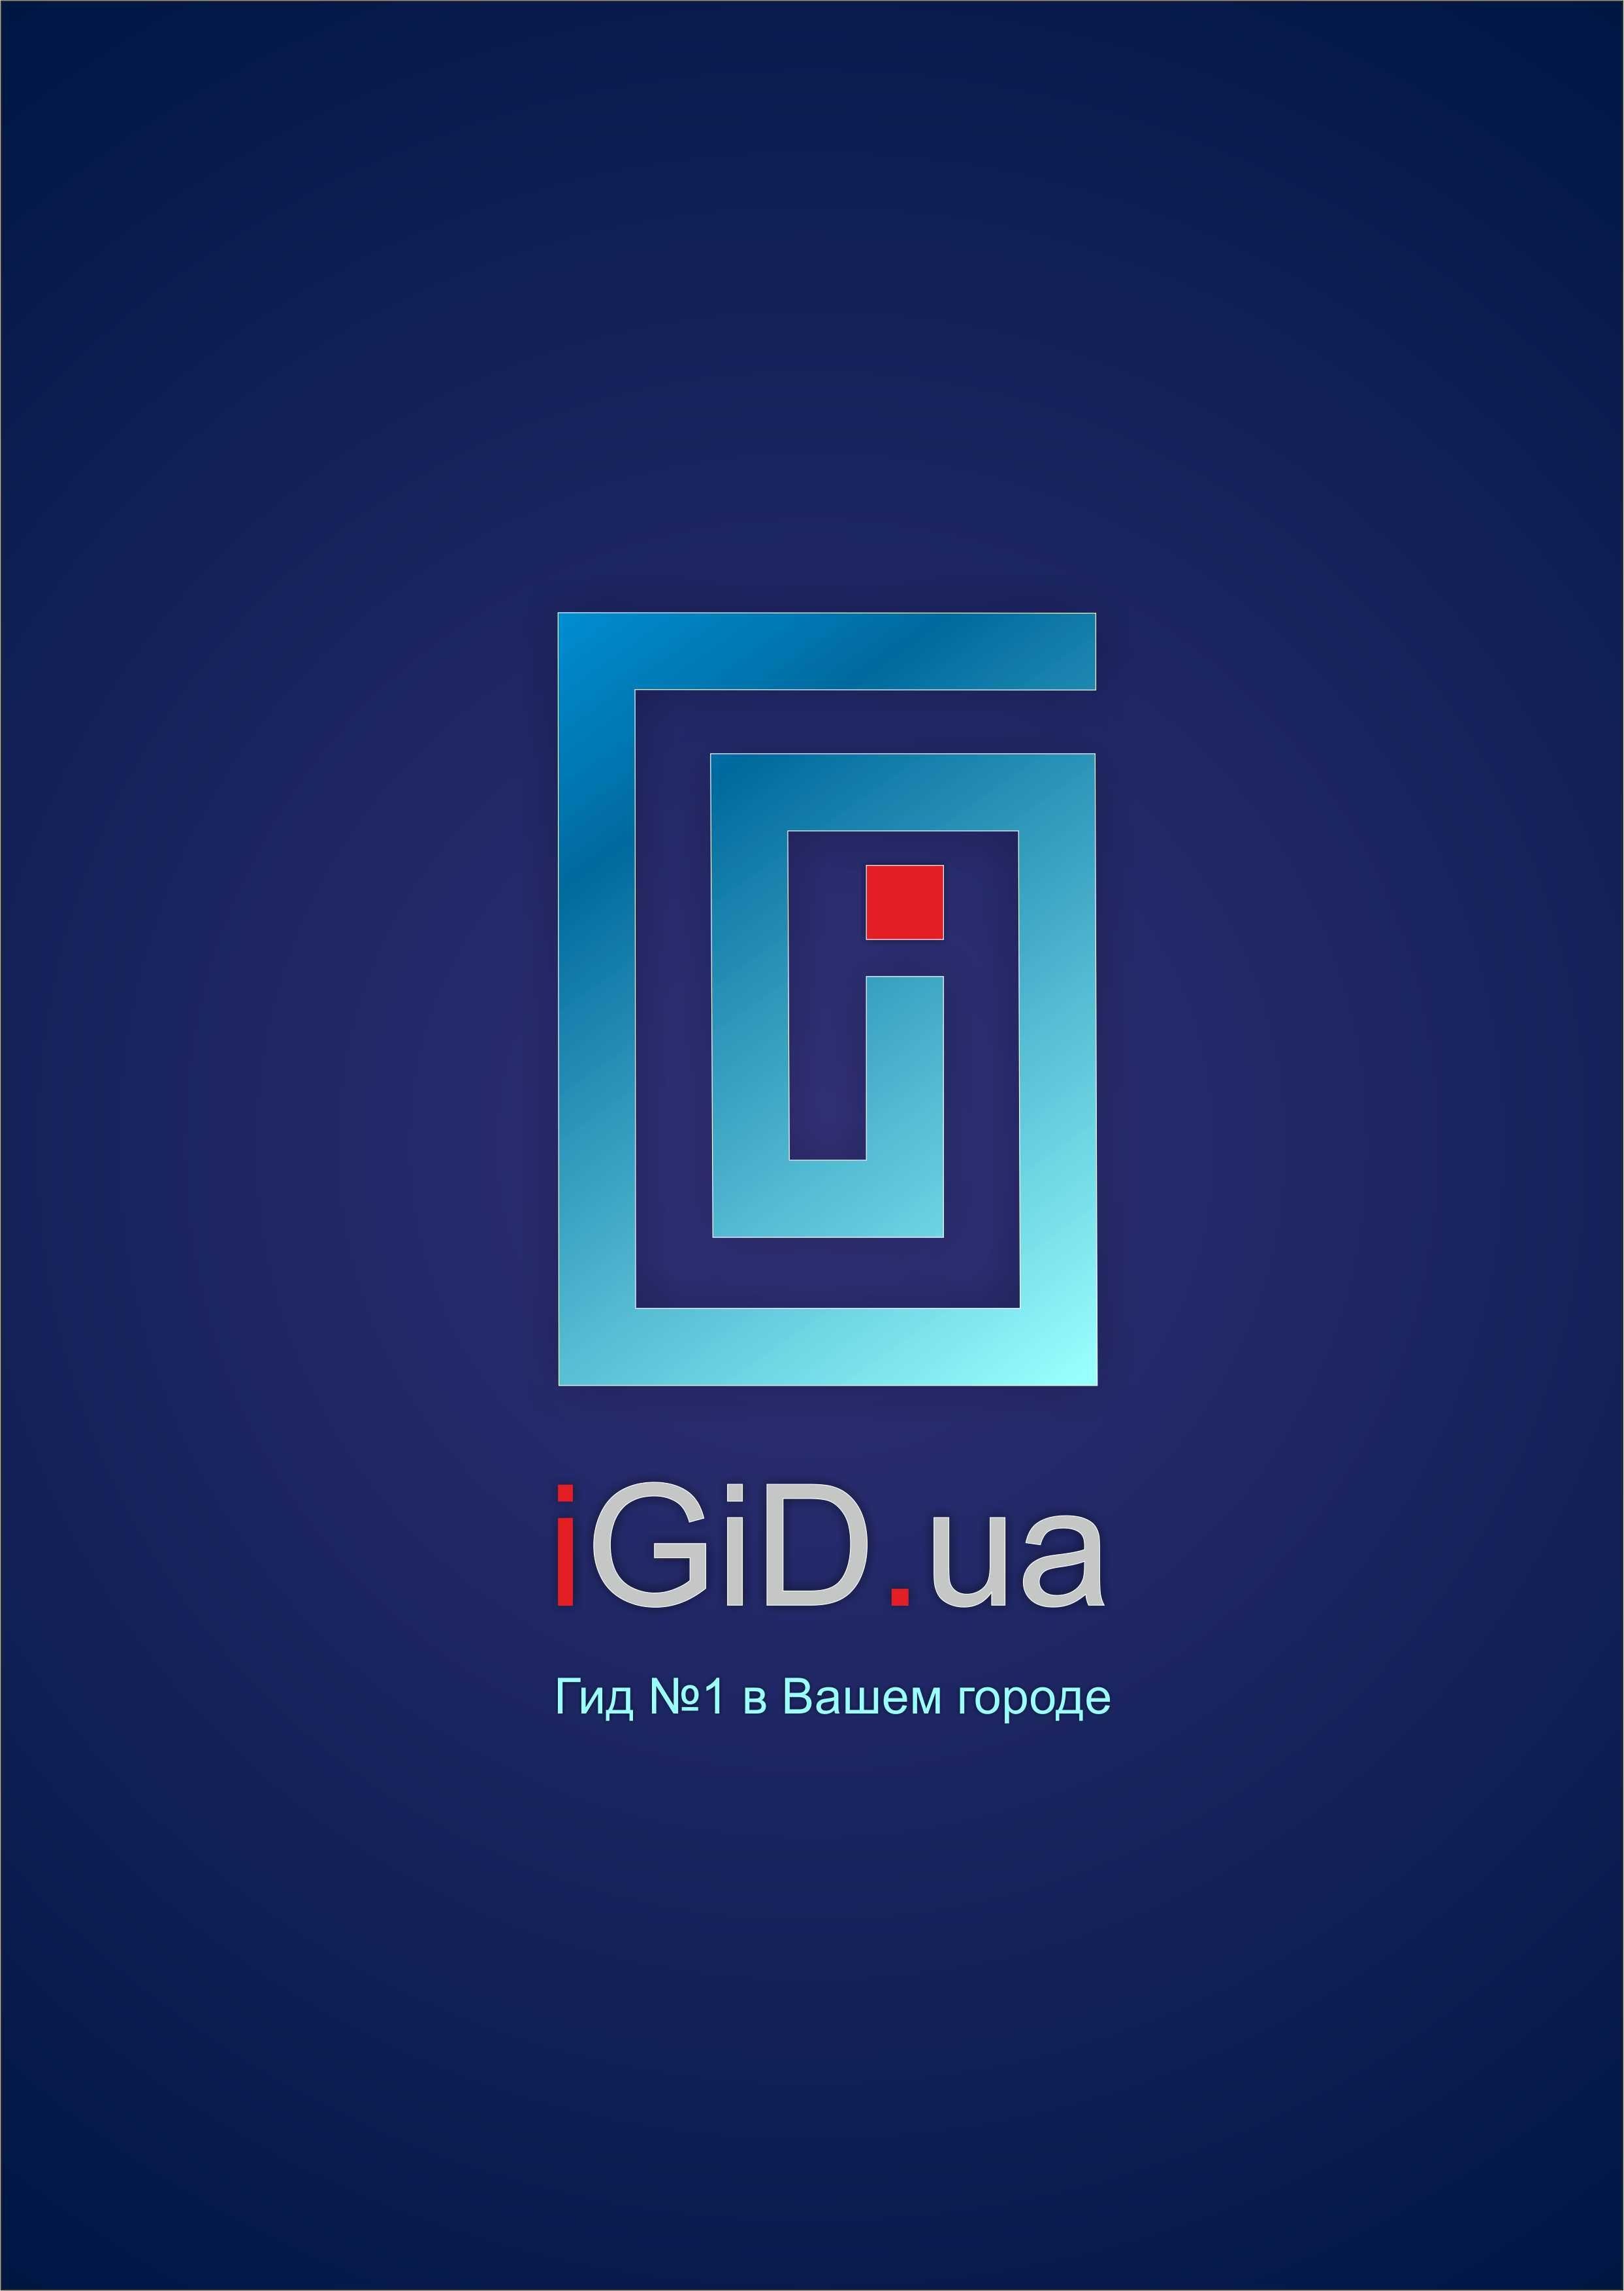 Создание логотипа iGid - дизайнер MihailPaliy